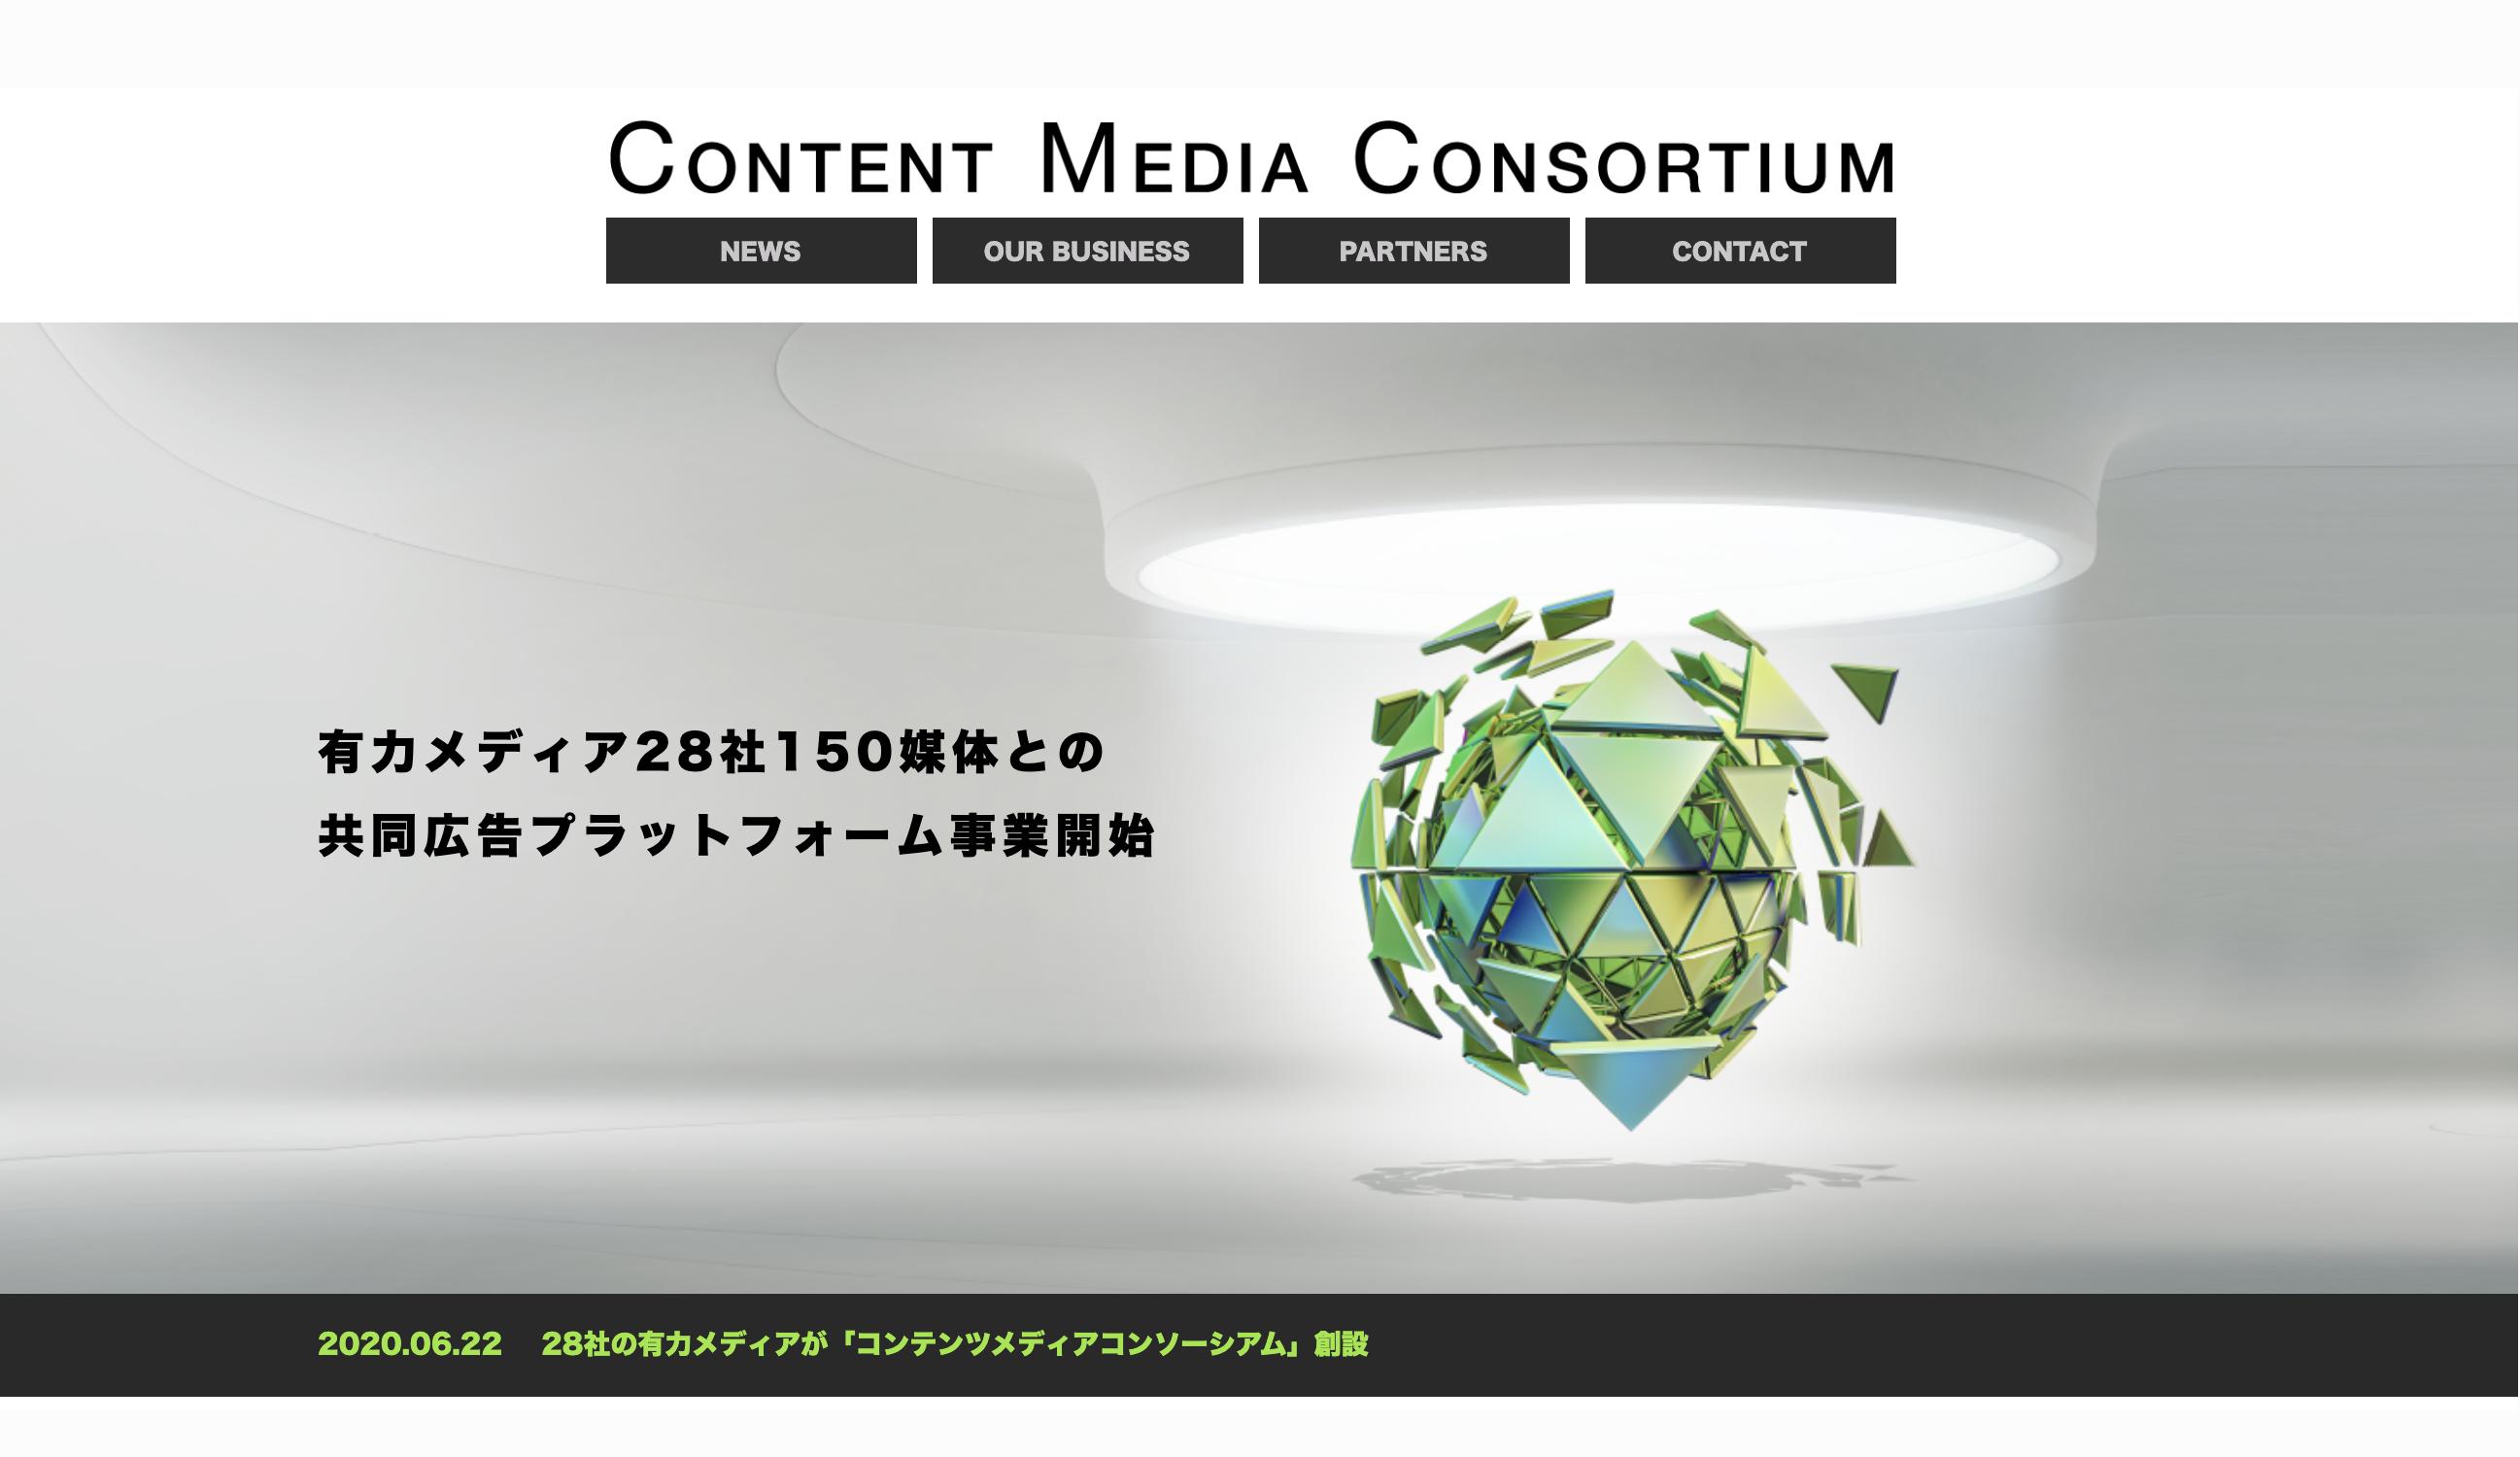 コンテンツメディアコンソーシアムのHP